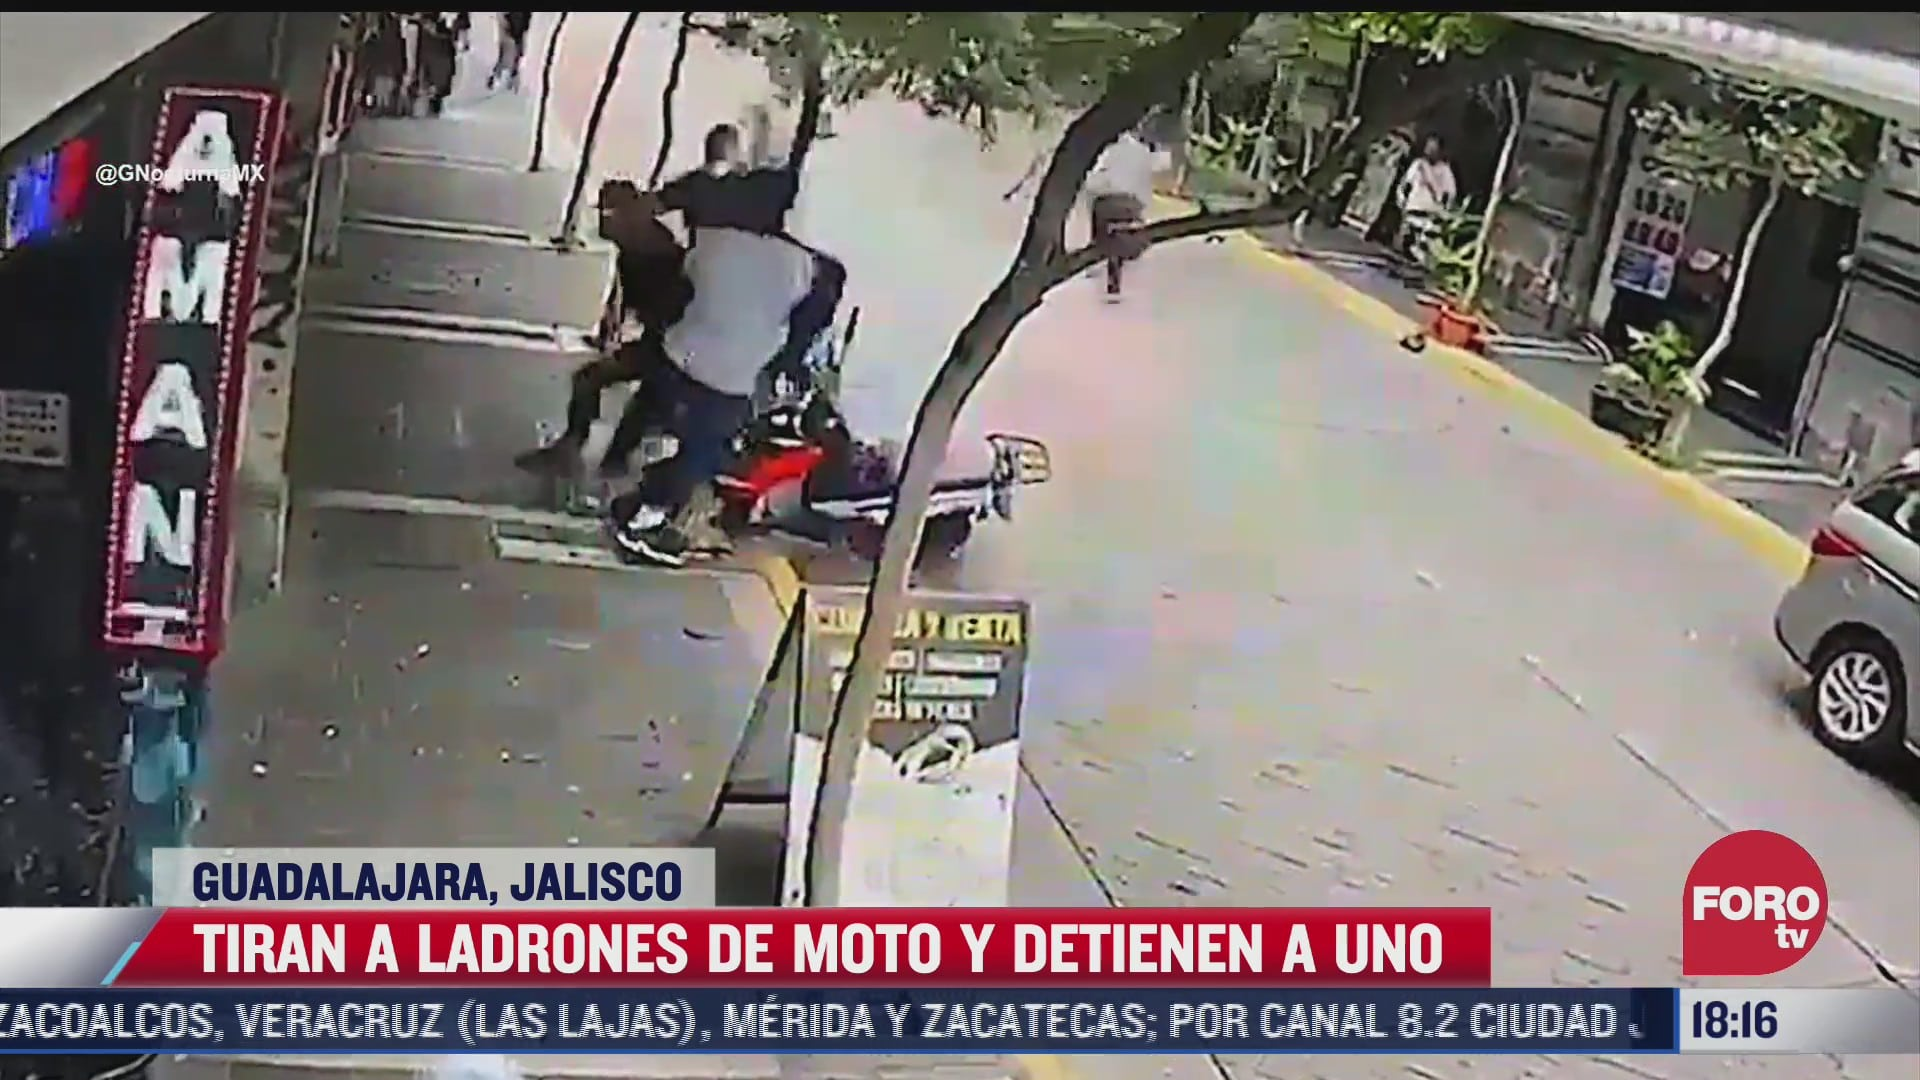 video tiran a ladrones de moto y detienen a uno en guadalajara jalisco